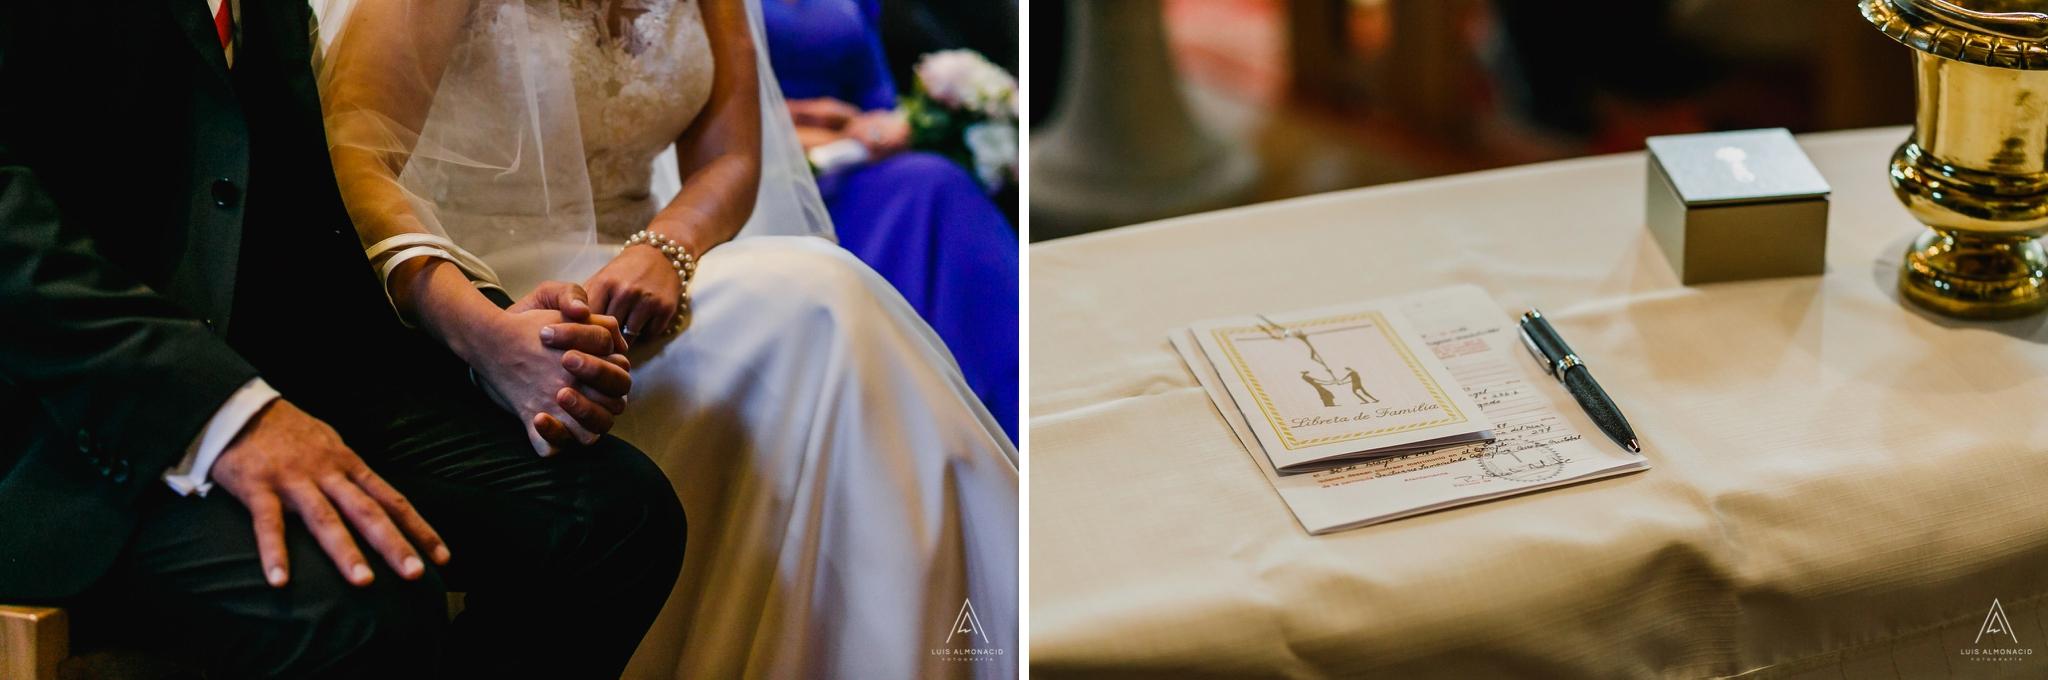 Foto-matrimonio-santiago-cerro-san-cristobal-santuario